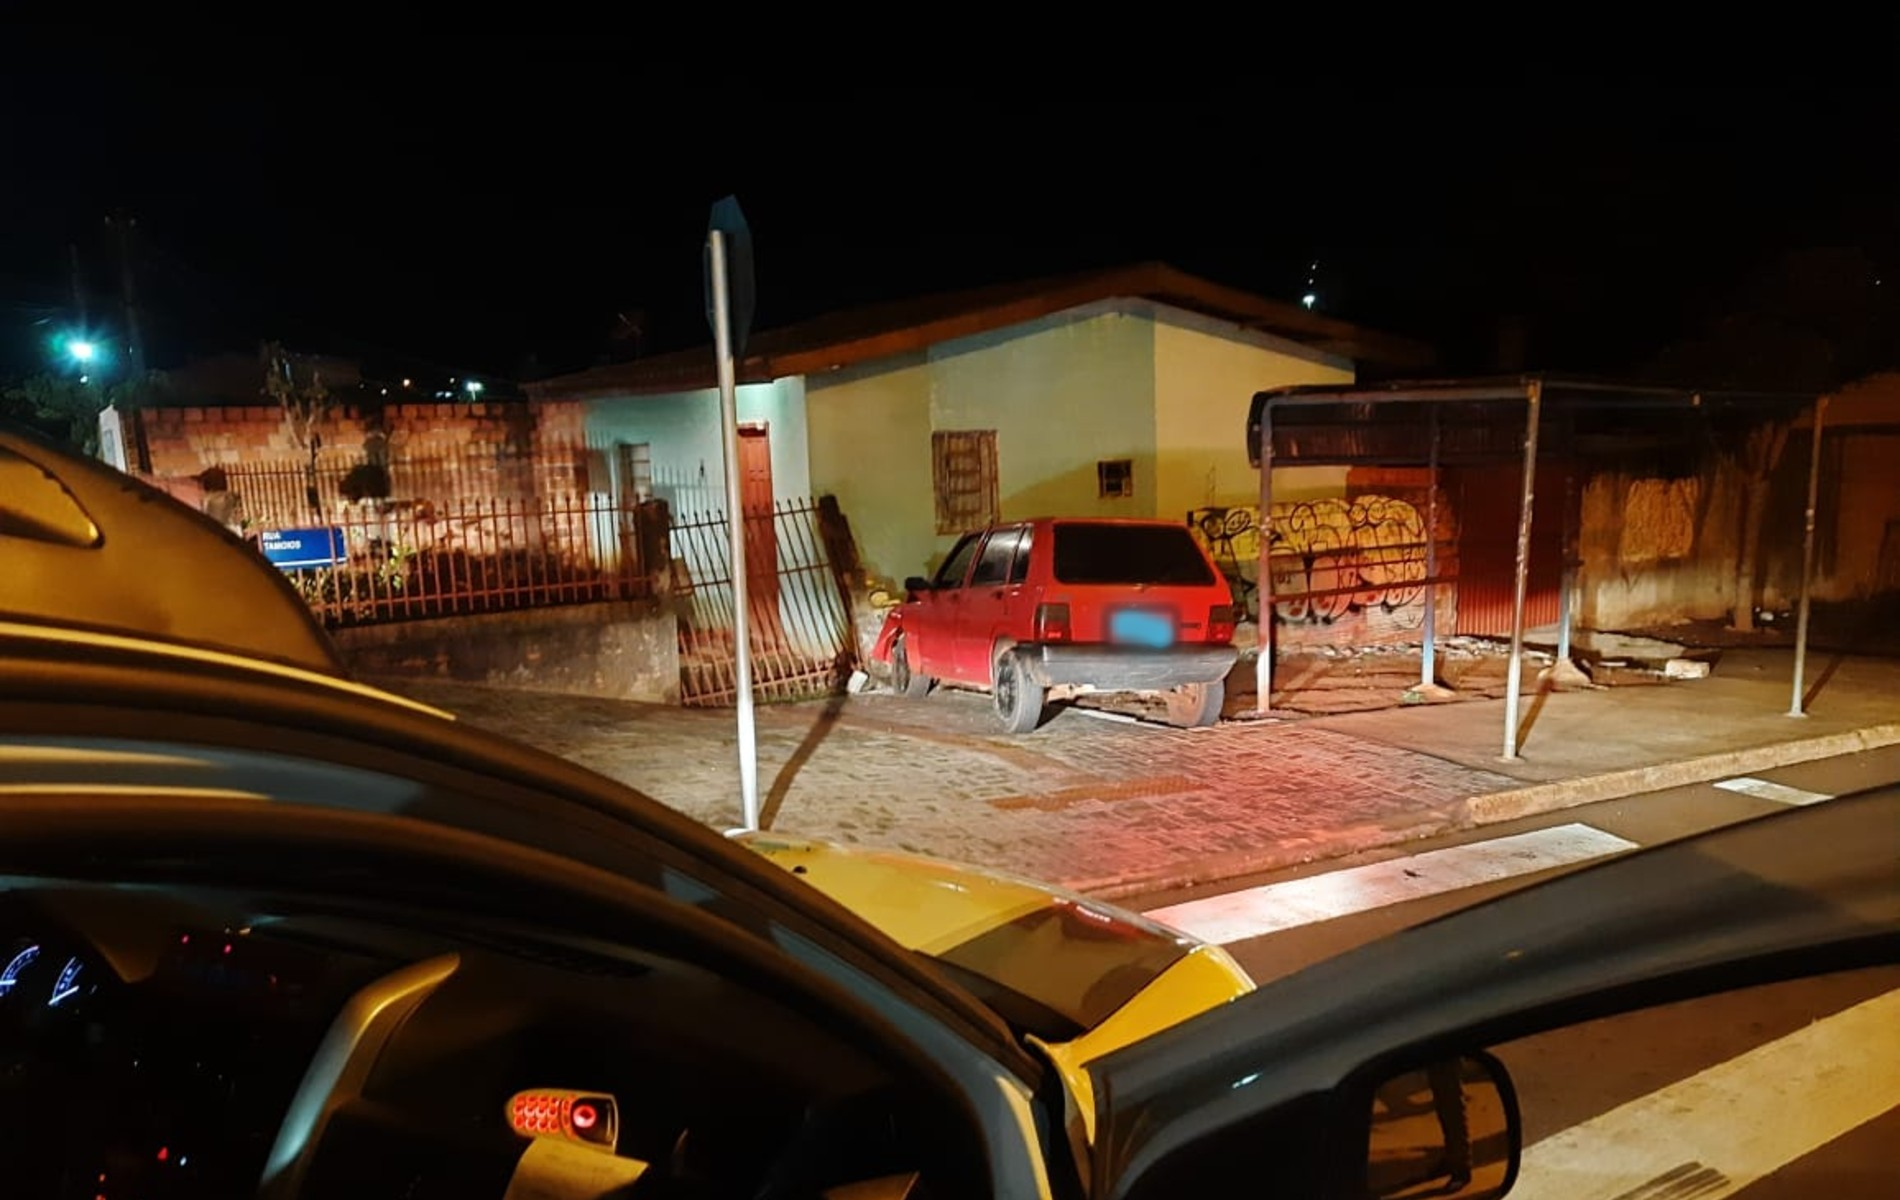 Homem é flagrado empurrando carro furtado e é preso ao tentar fugir em Cascavel, diz PM